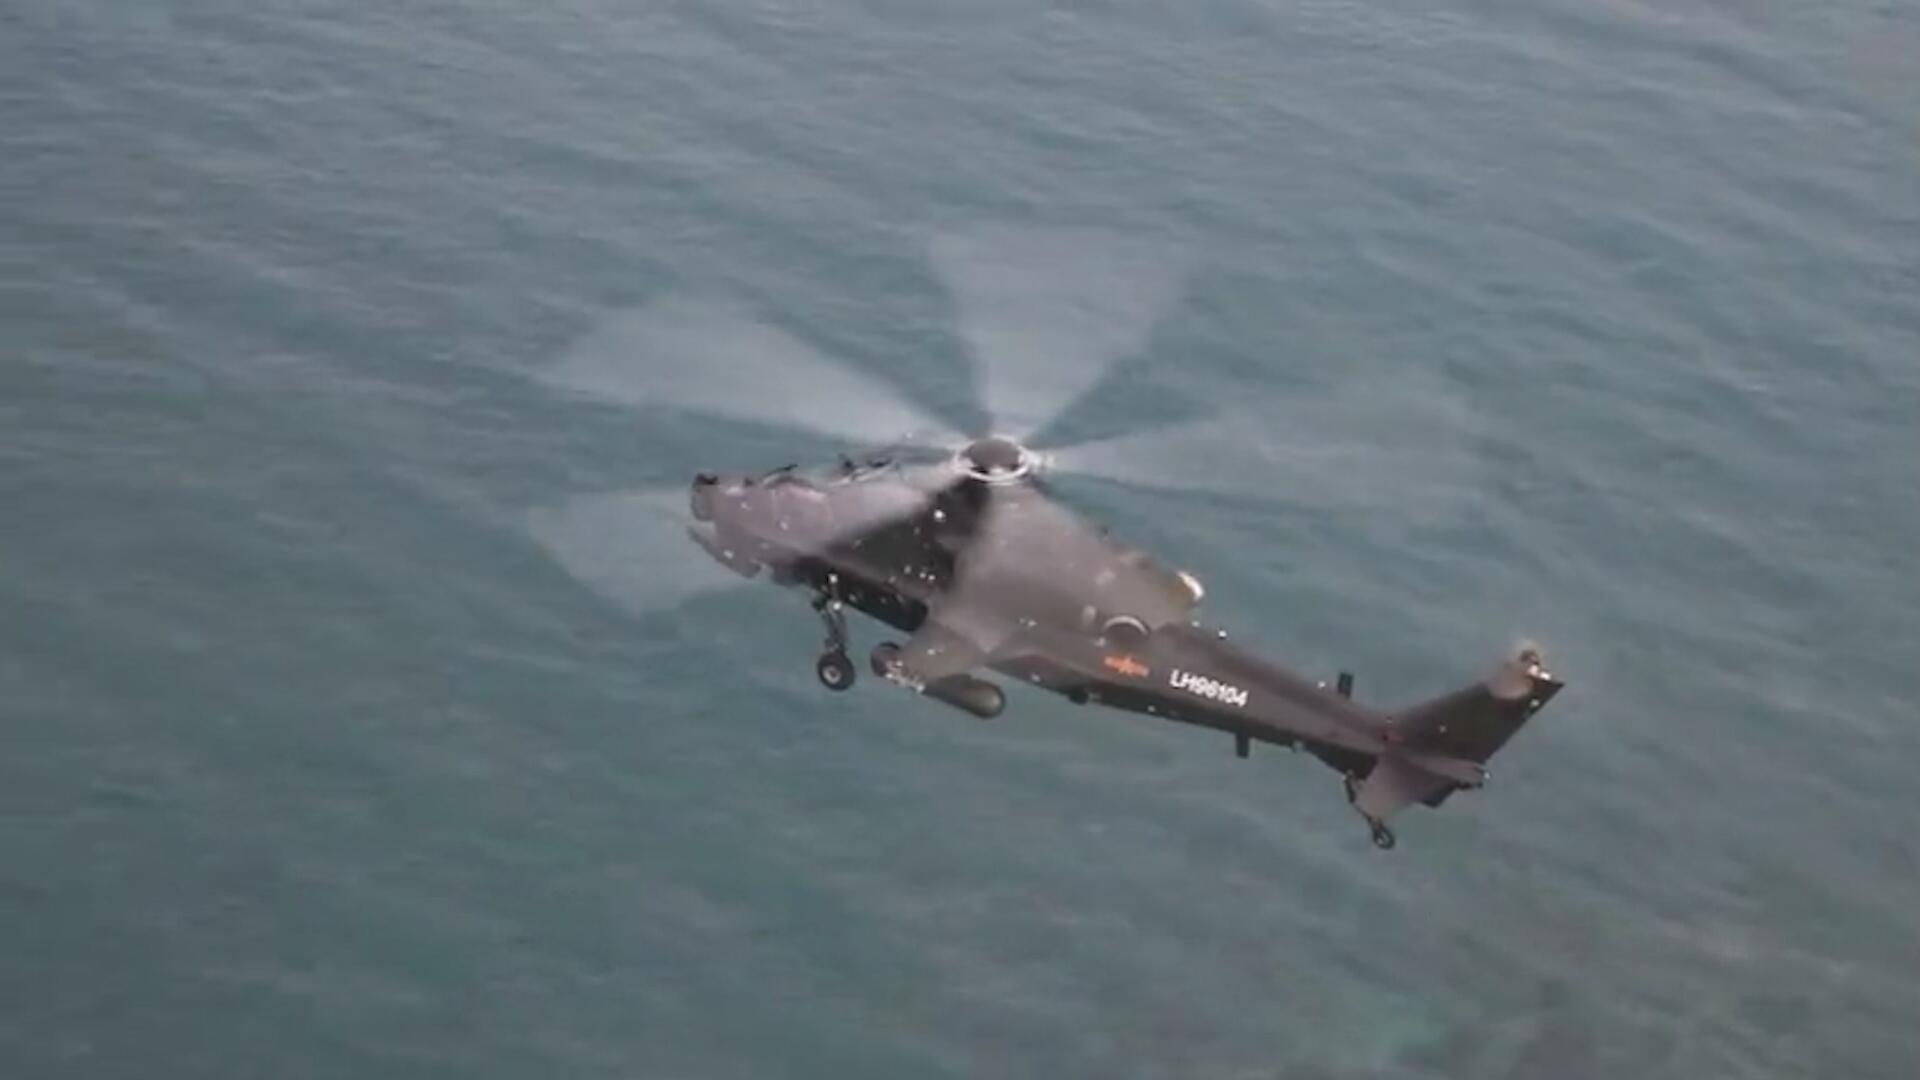 贴着海面飞!直升机超低空掠海飞行,飞行员如何克服空间感错乱?